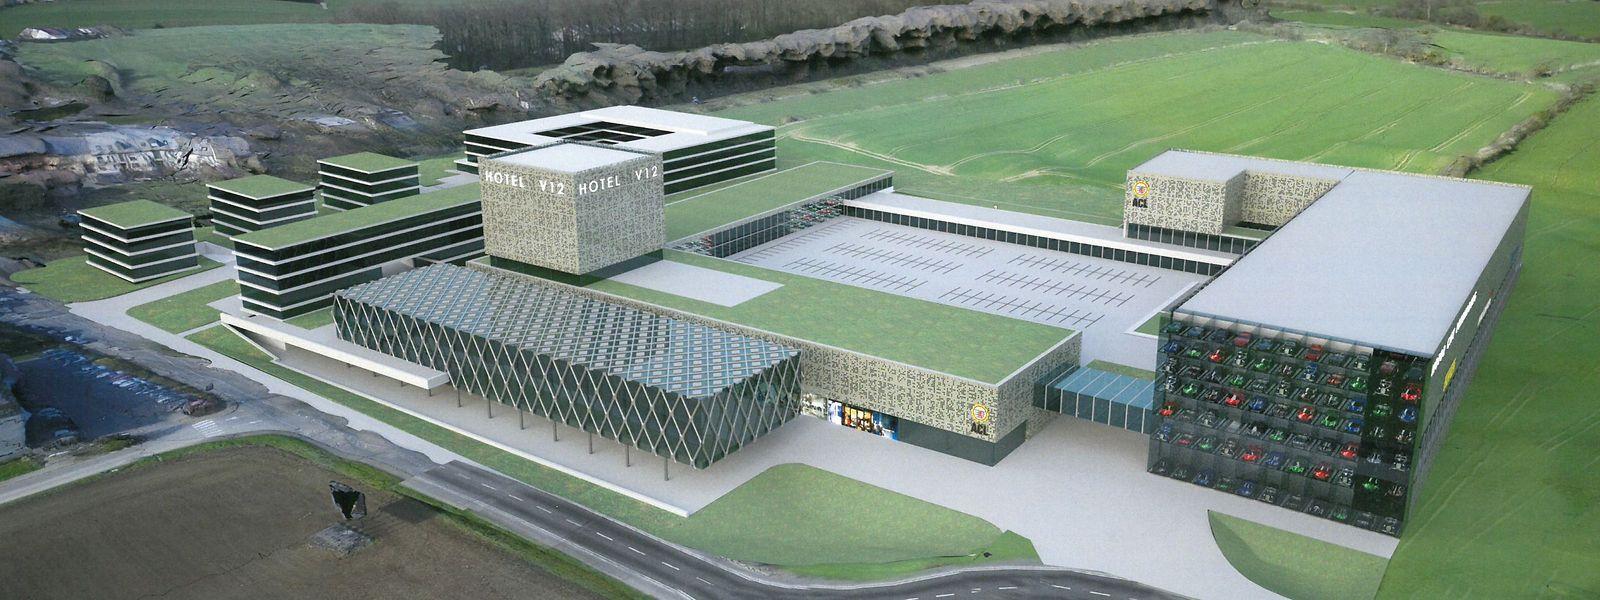 """Ein Hotel mit 80 Zimmern, eine """"indoor"""" Kartpiste, Glasgaragen für Nobelkarossen, sind nur einige der Ideen der Giorgettigruppe für den Standort an der A4-Ausfahrt in Wickringen."""